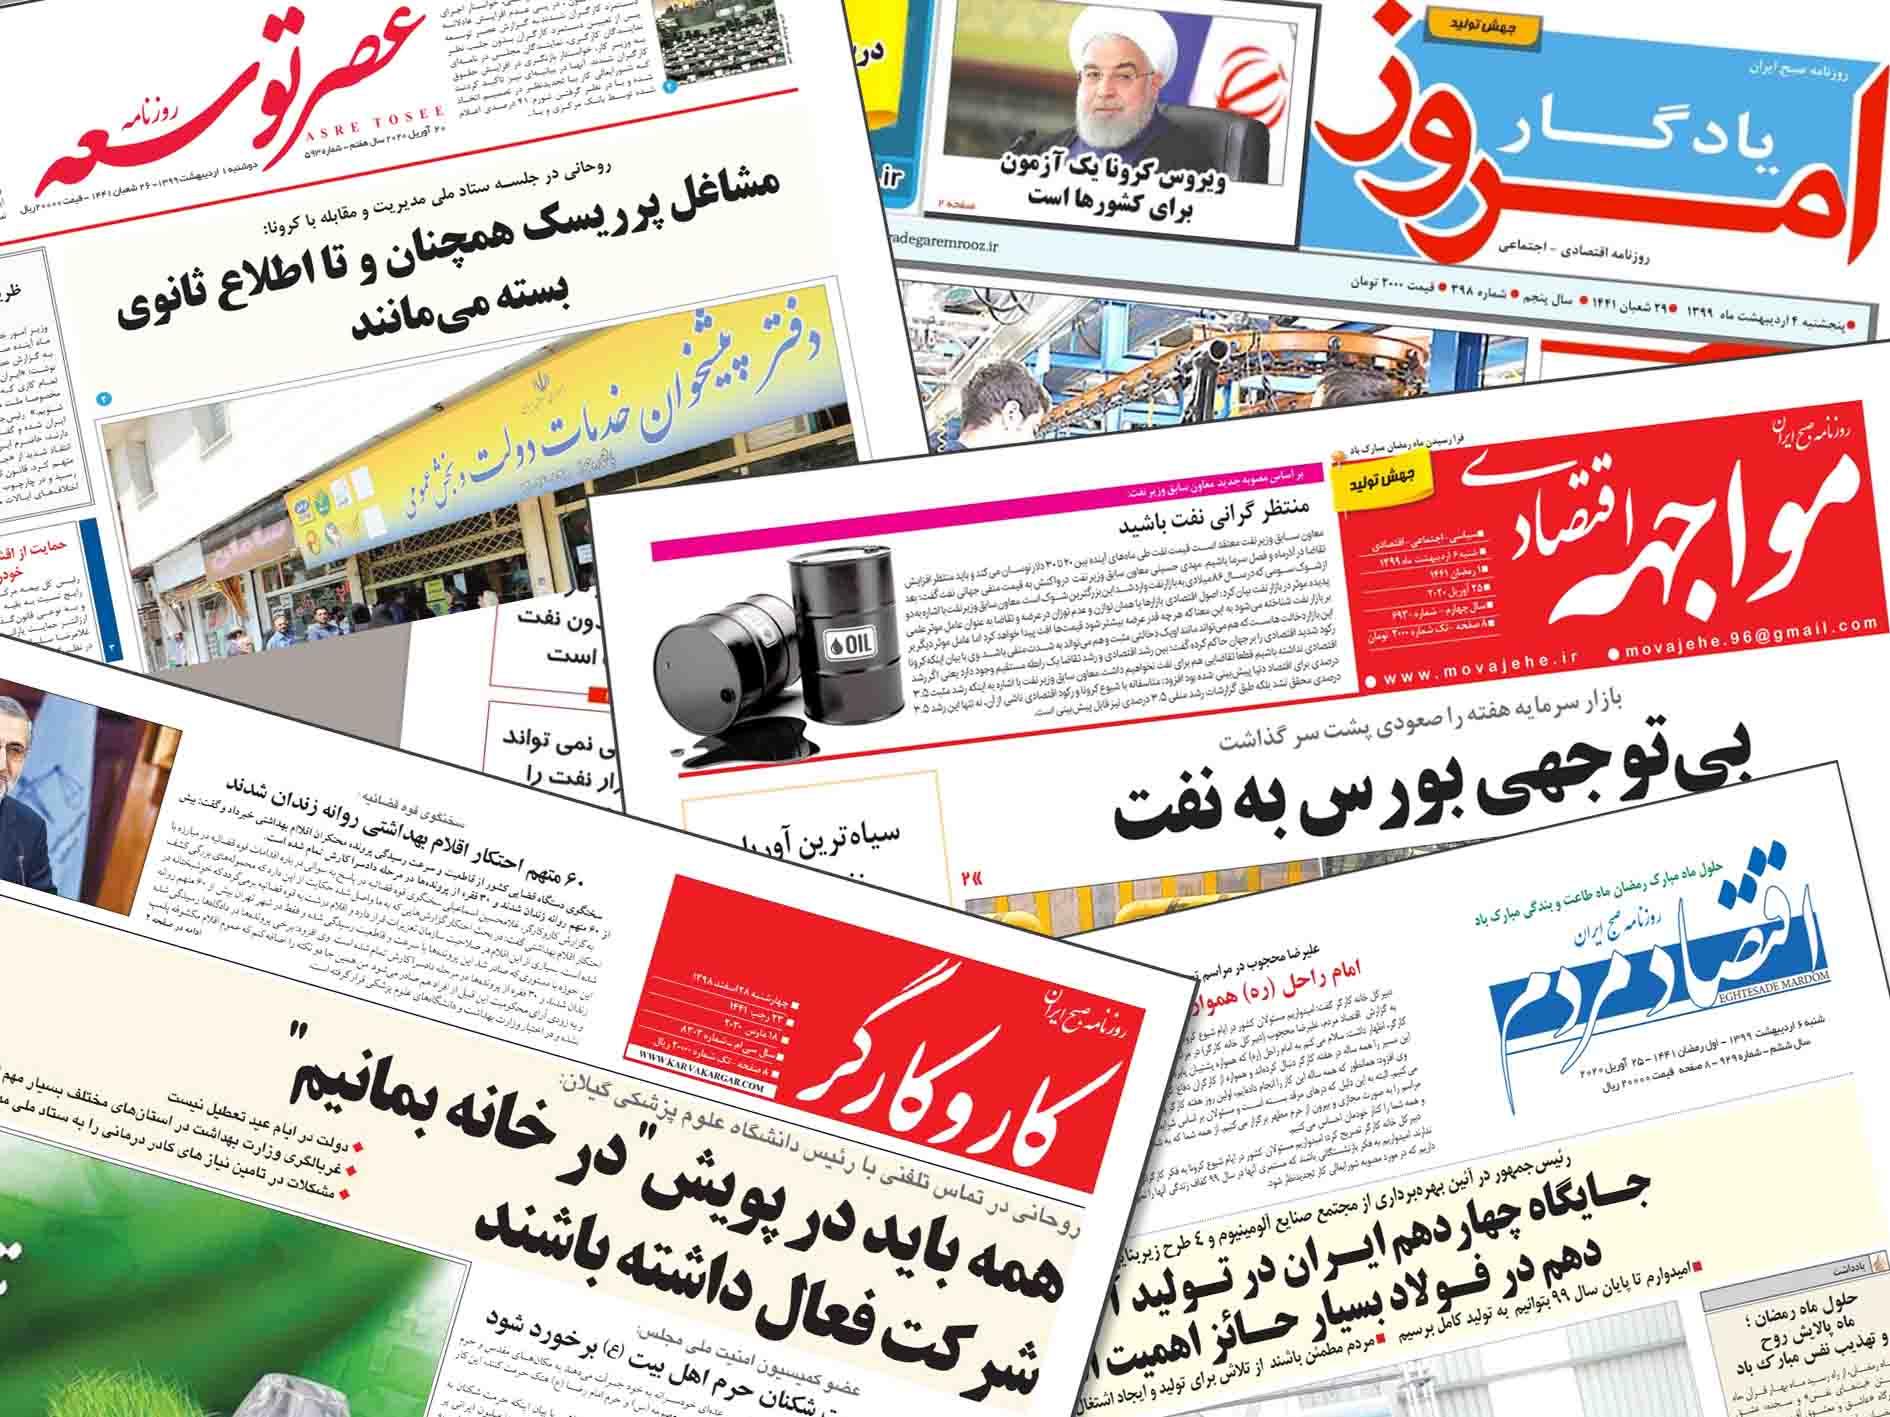 روزنامه کثیرالانتشار